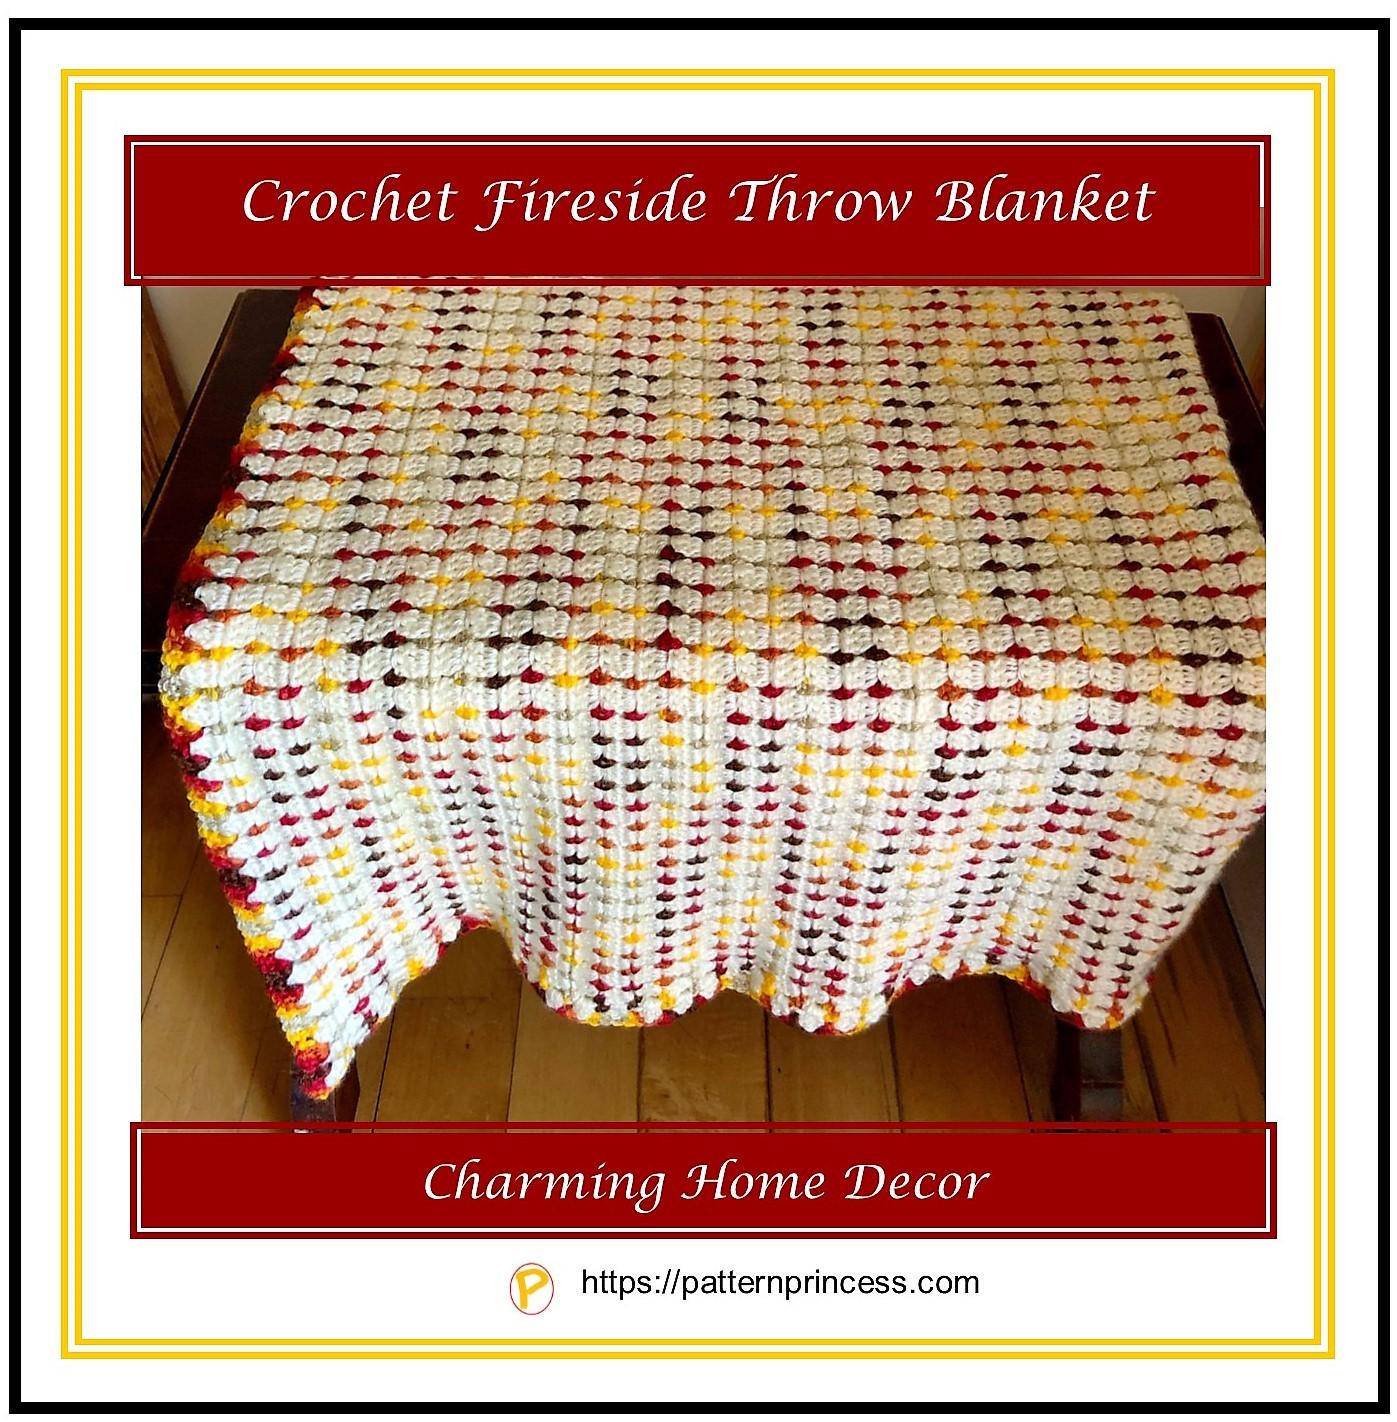 Crochet Fireside Throw Blanket 1